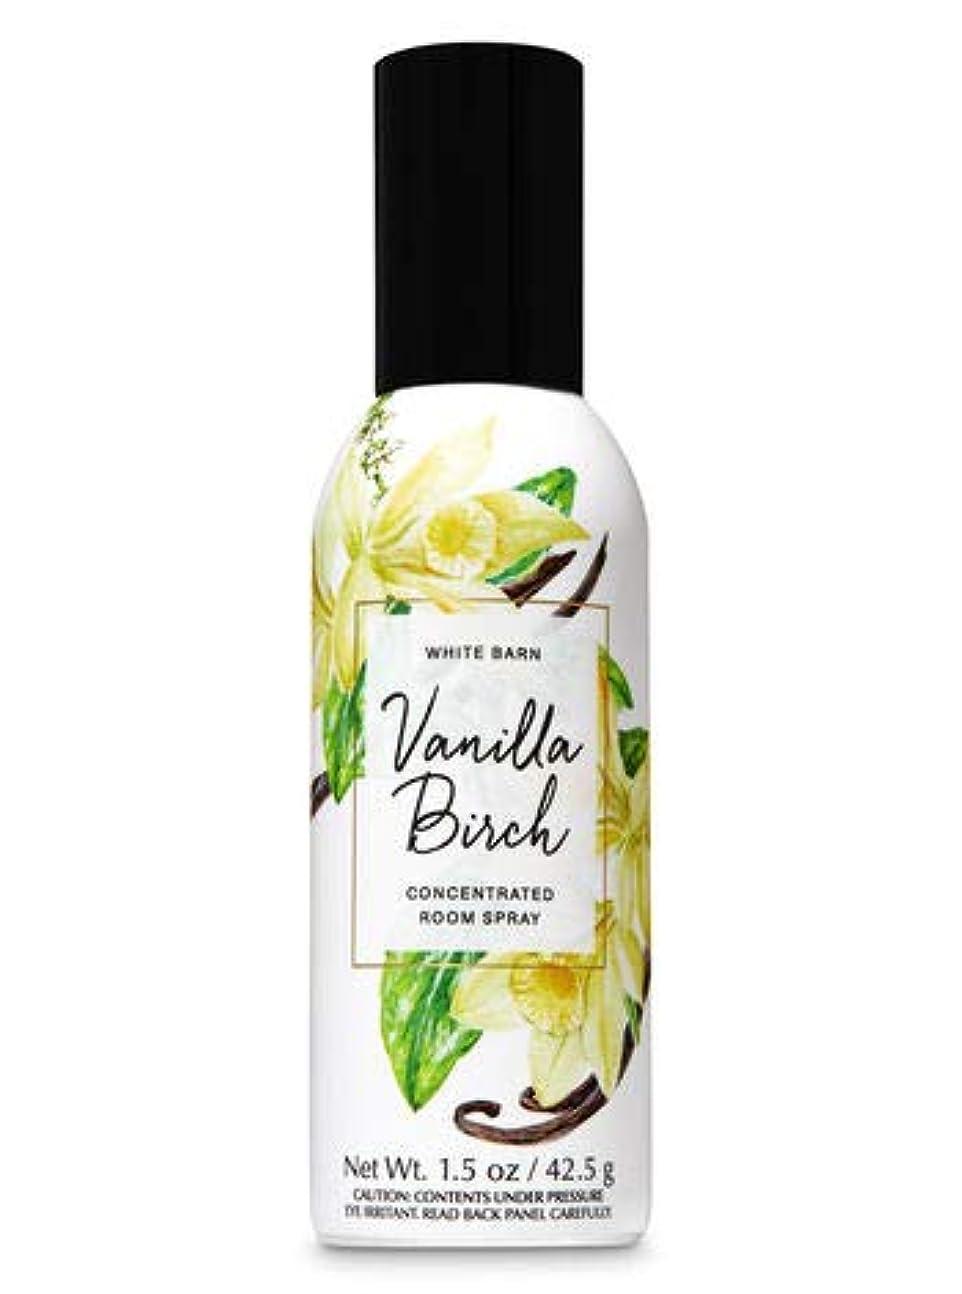 夜間終わり目を覚ます【Bath&Body Works/バス&ボディワークス】 ルームスプレー バニラバーチ 1.5 oz. Concentrated Room Spray/Room Perfume Vanilla Birch [並行輸入品]